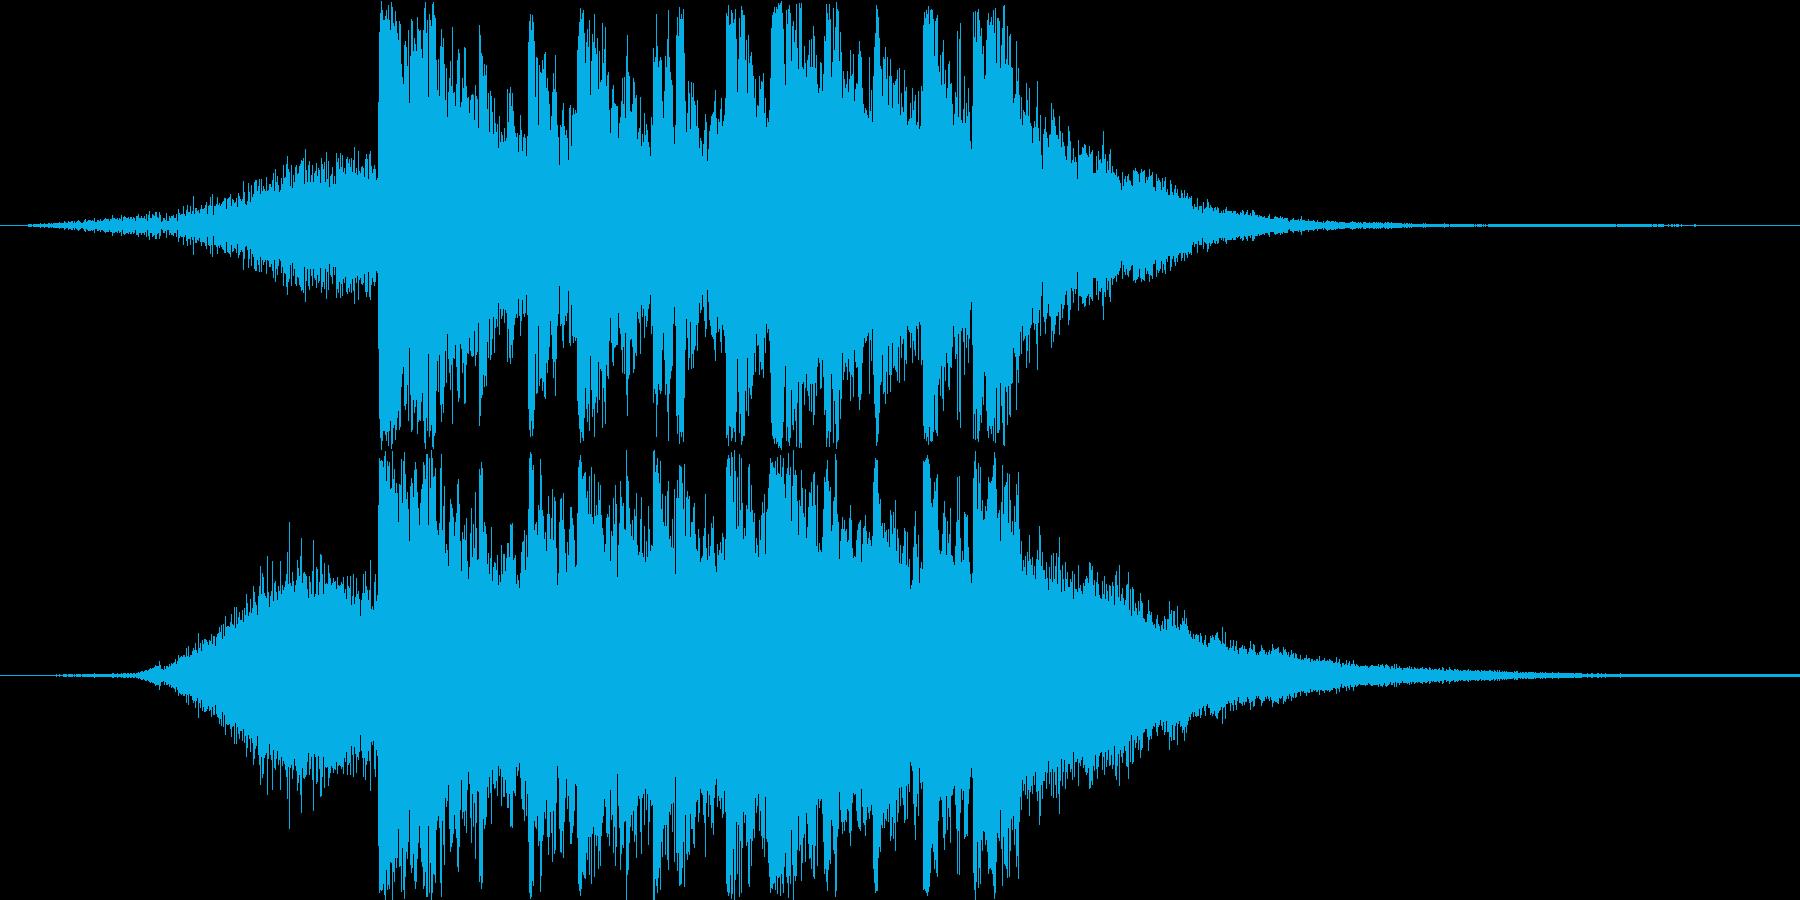 和風な映像、ゲームのタイトルジングルの再生済みの波形